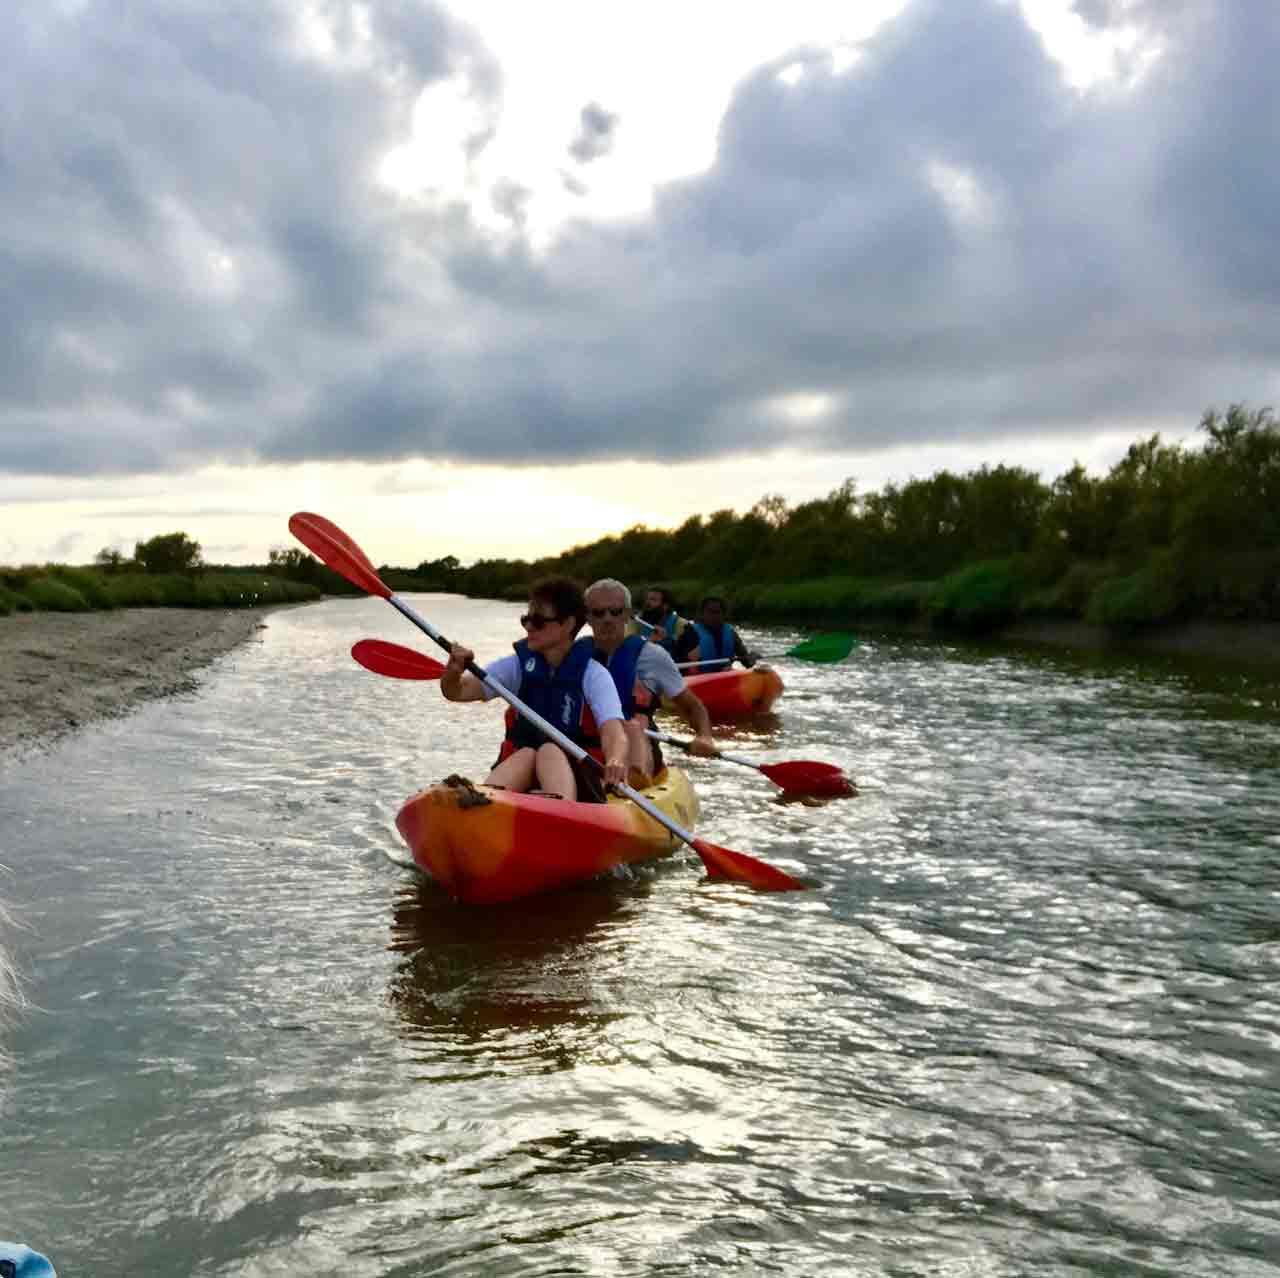 Sorties canoës au ras de l'eau à Olonne sur mer